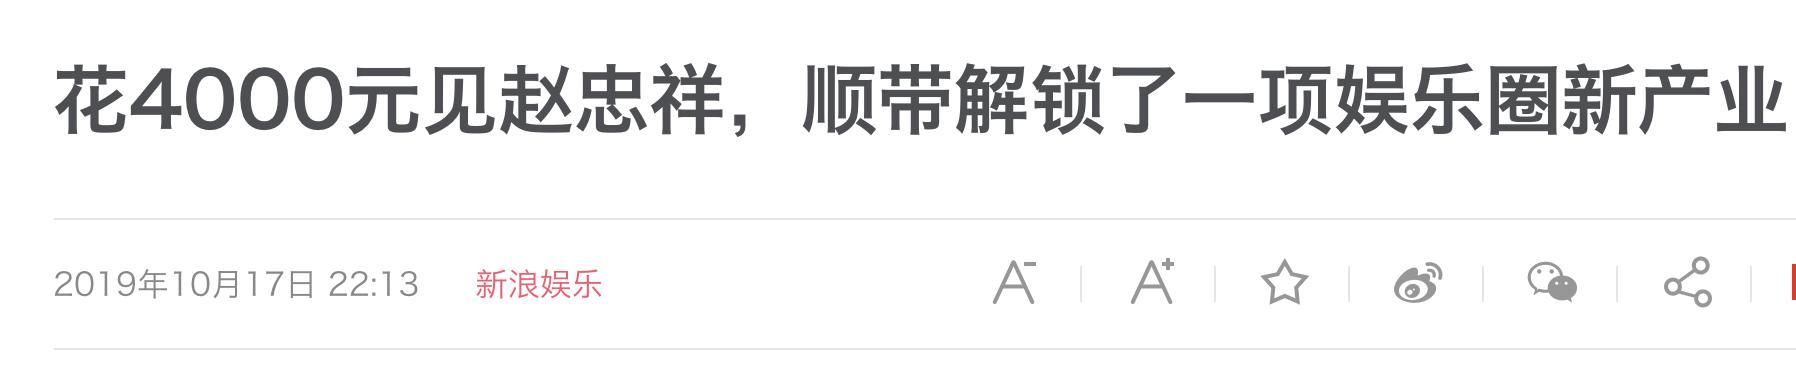 78赵忠祥癌症去世,儿子清晨发讣告!本人生前最后一条动态太感慨